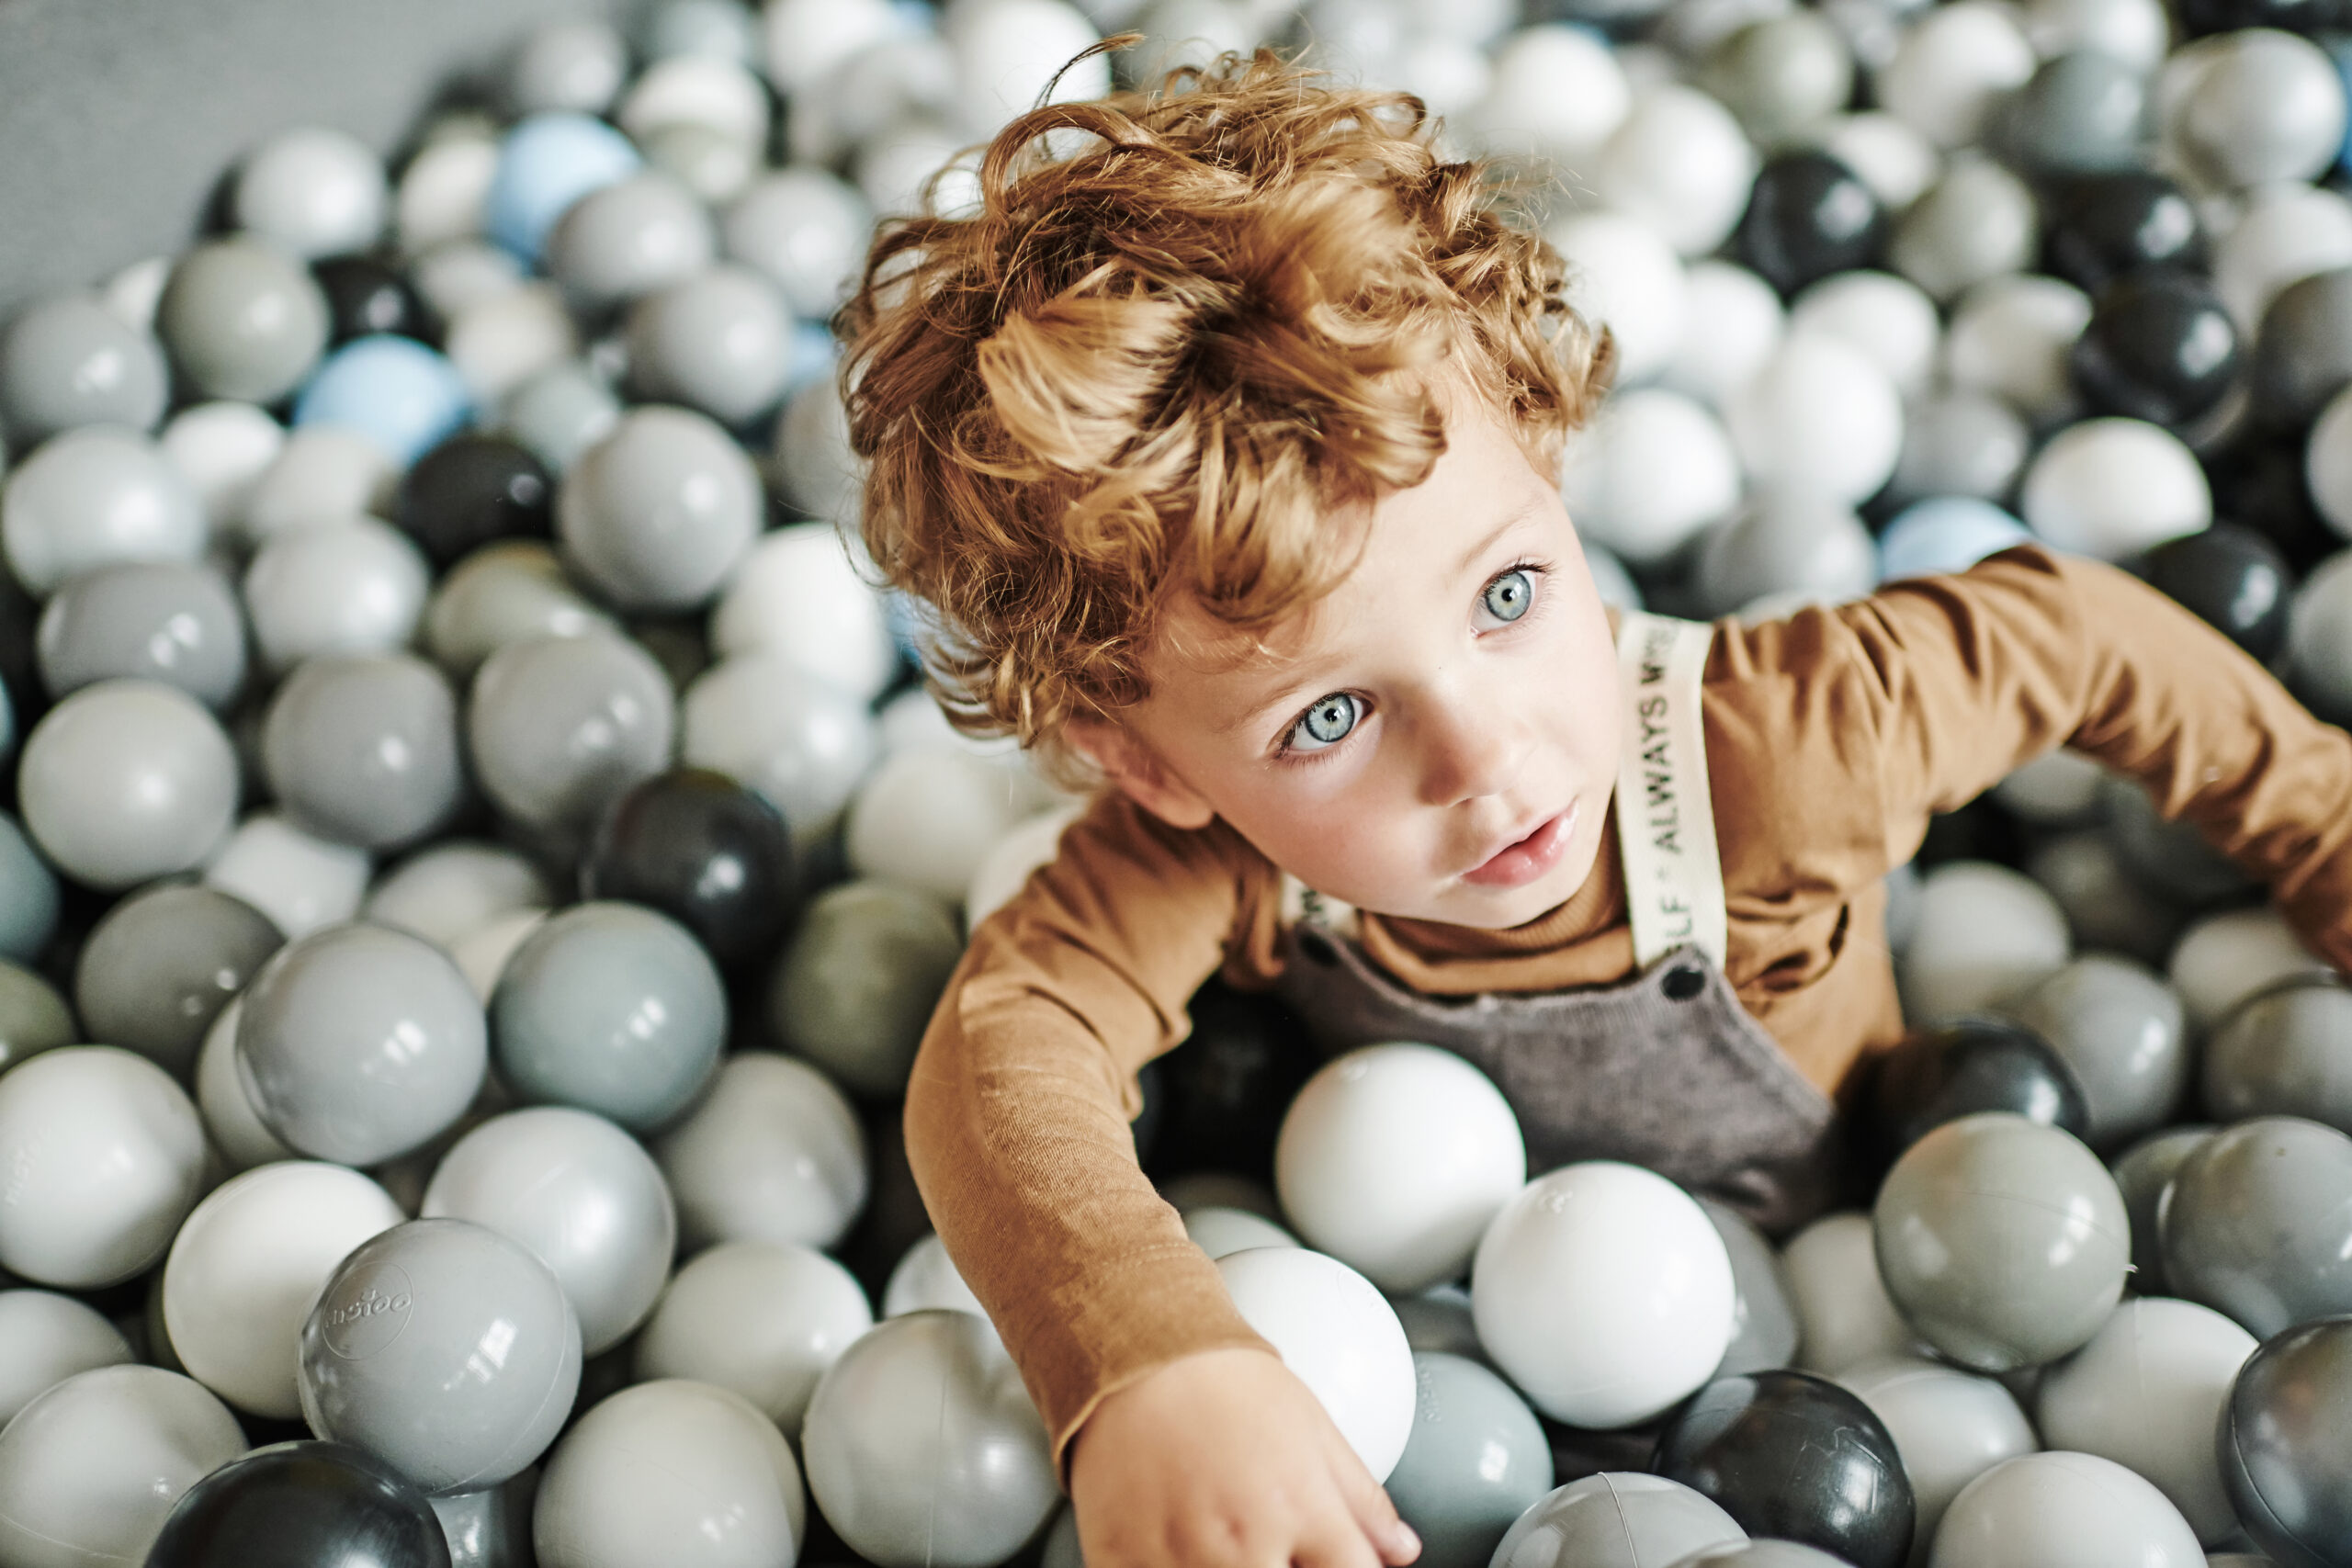 Jak przyzwyczaić dziecko do zabawy w suchym basenie z kulkami?